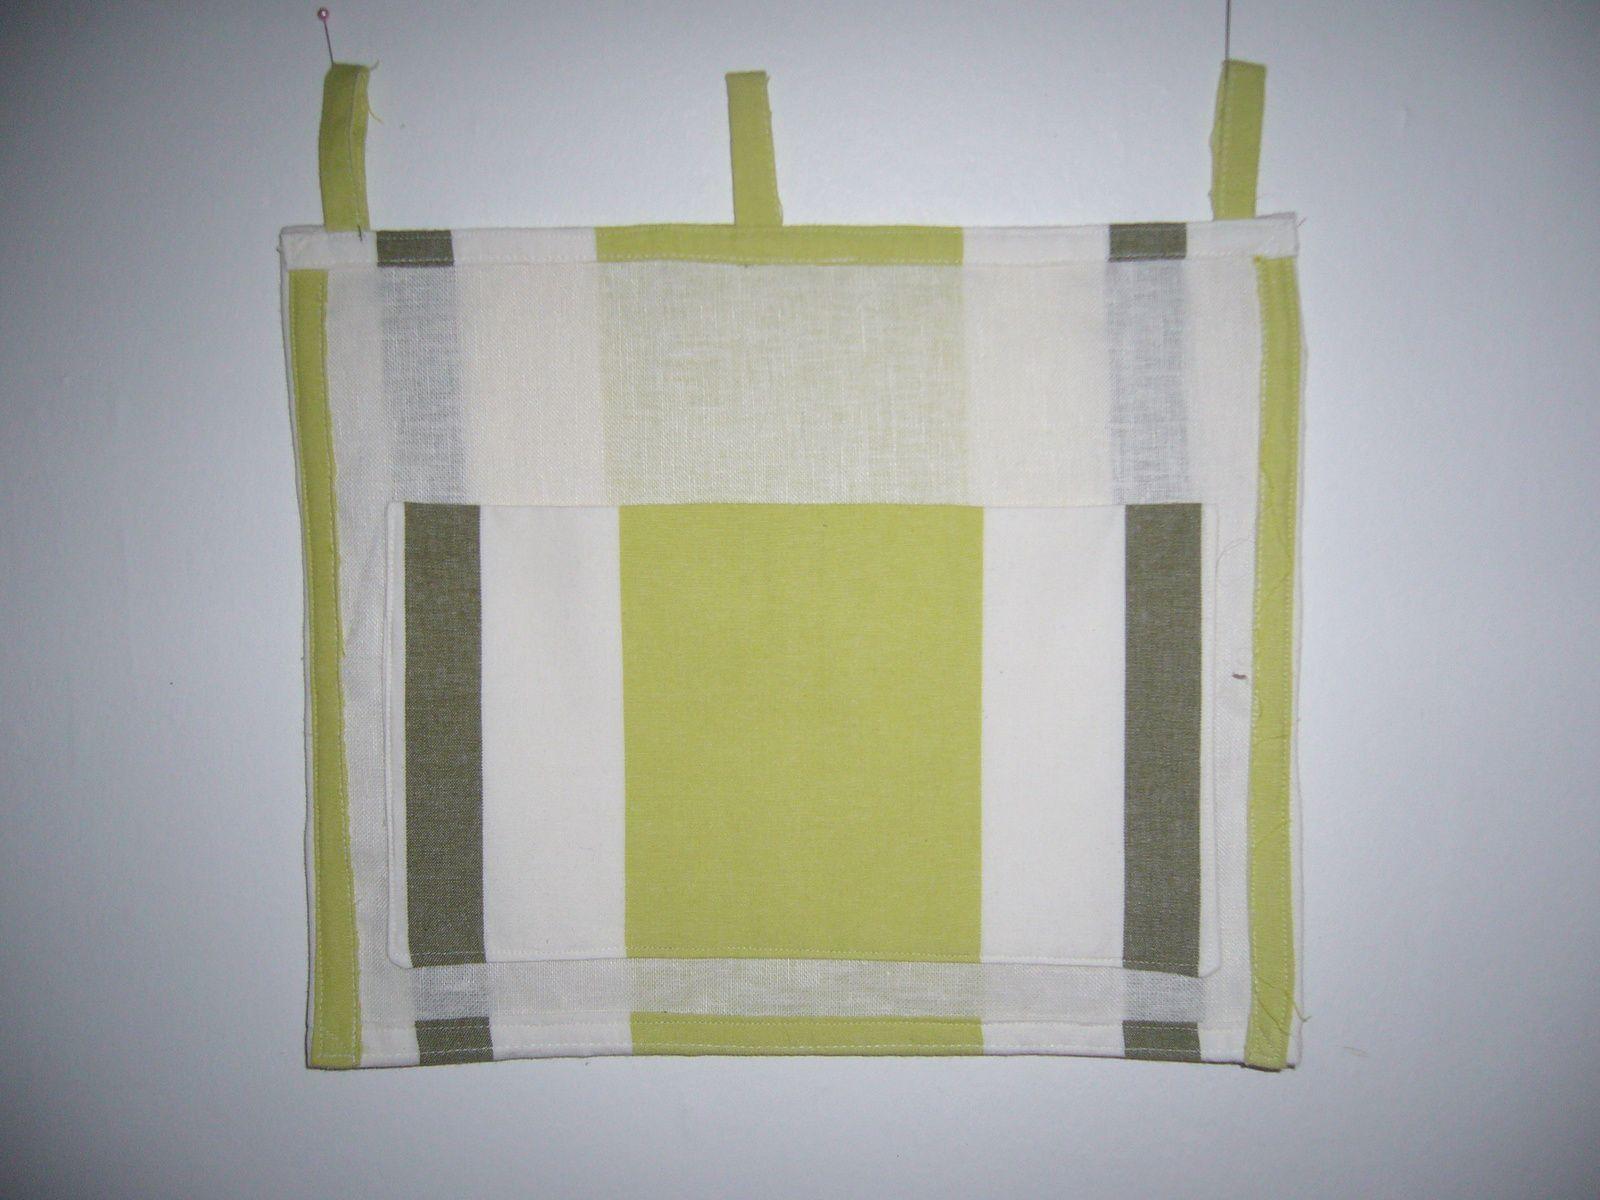 Vide poche mural suite le blog de la maison des for Vide poche mural plastique